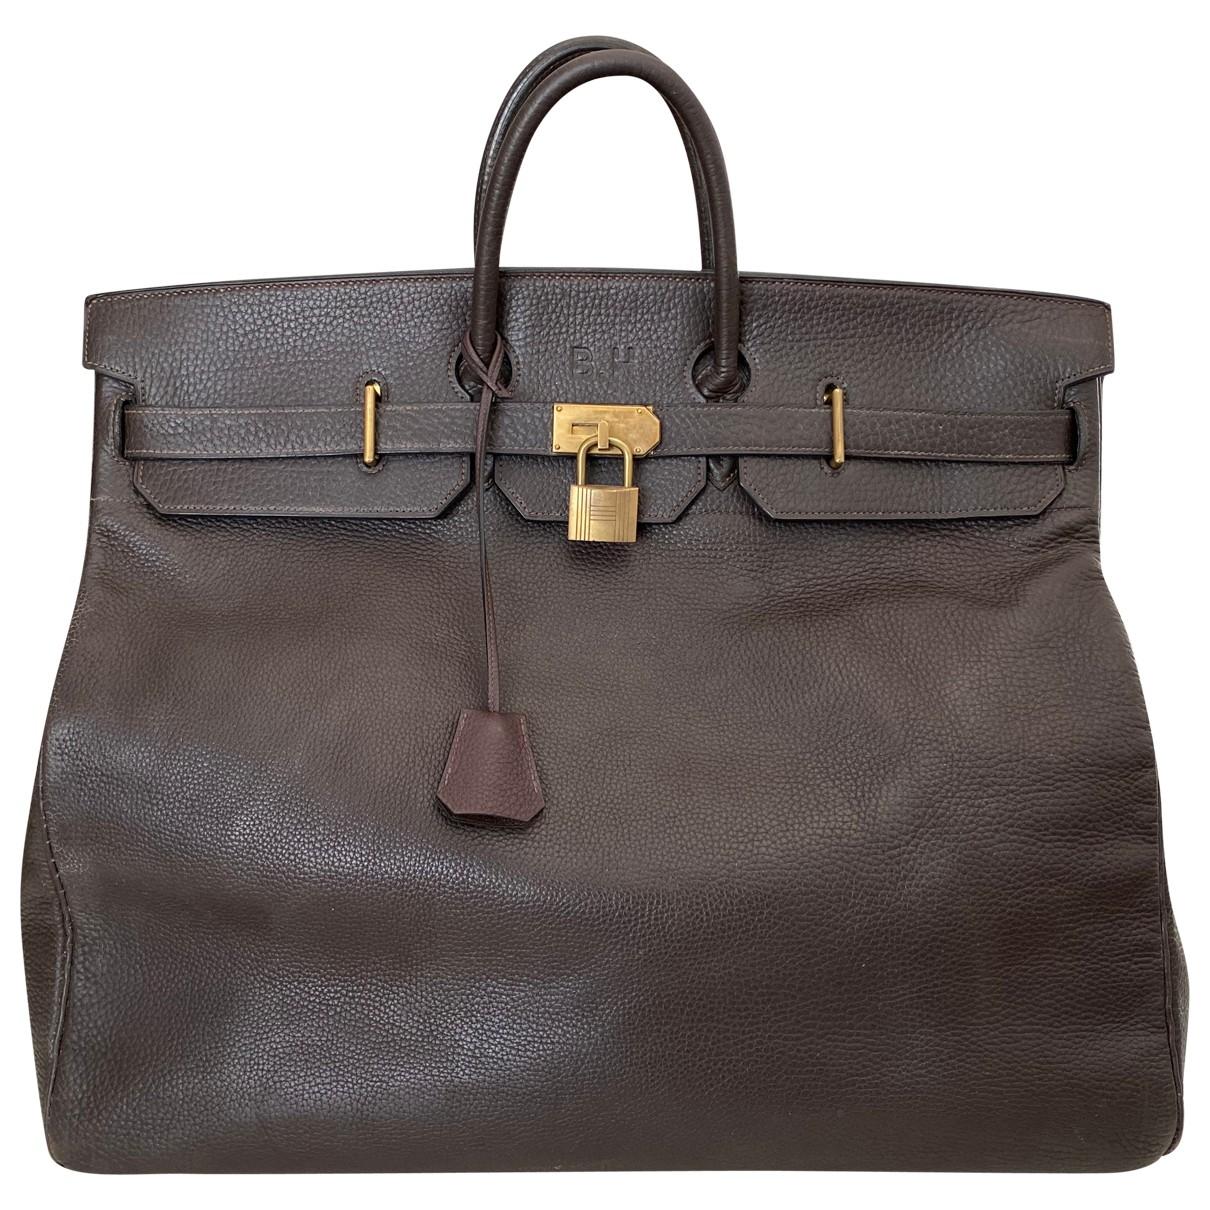 Hermes Haut a Courroies Handtasche in  Braun Leder